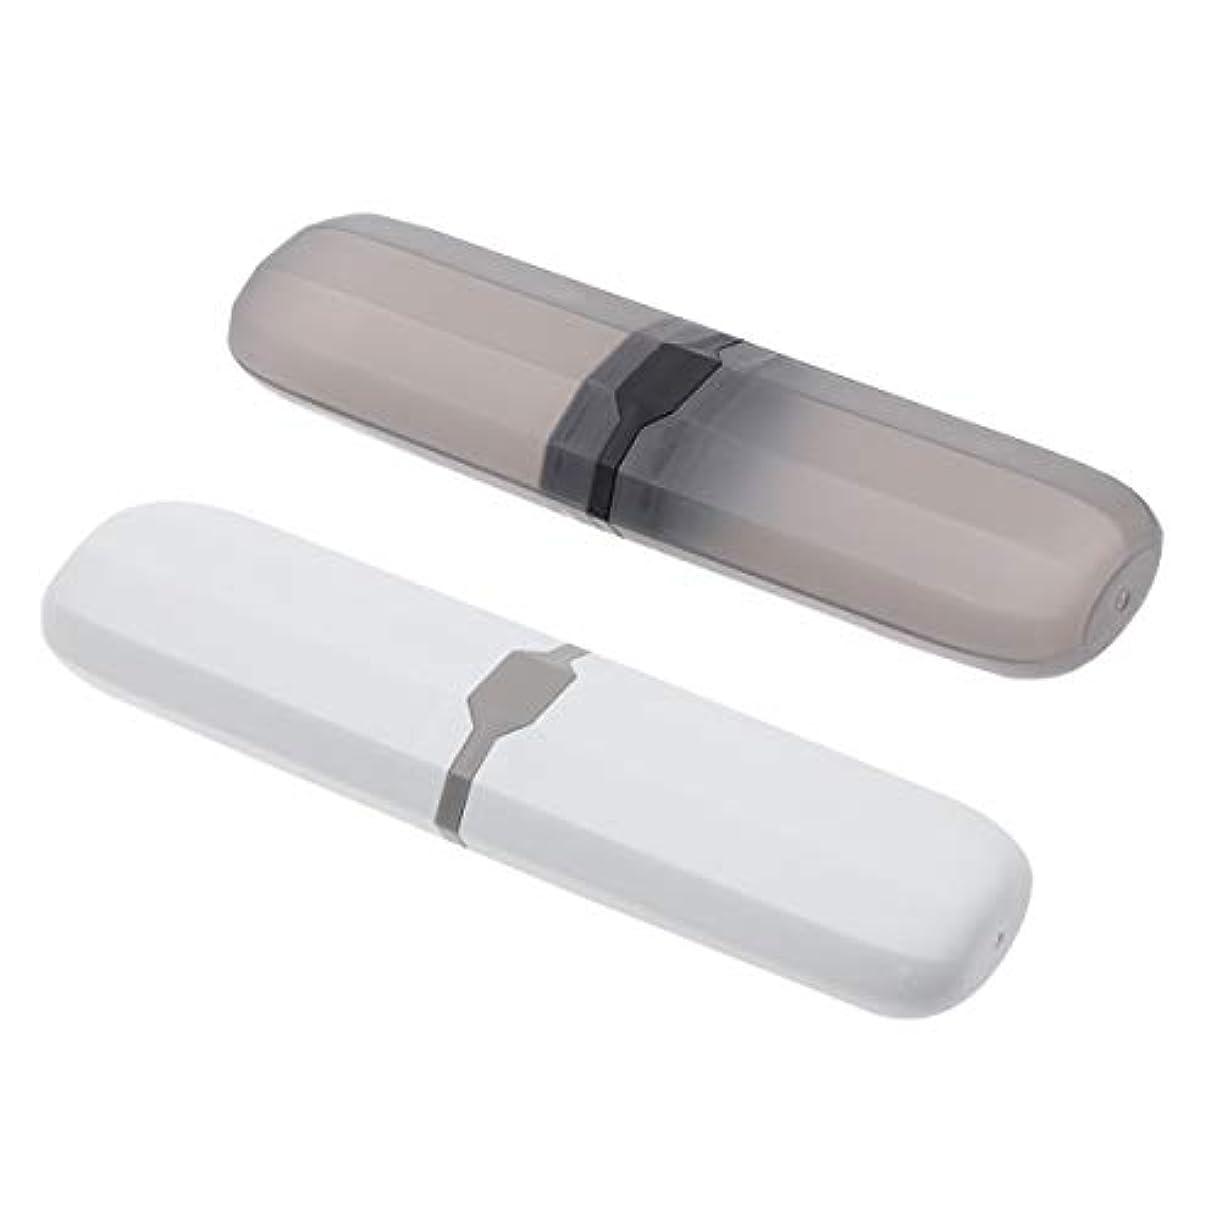 システム平らなあなたが良くなりますHEALLILY 歯ブラシケース2ピースポータブル環境にやさしい歯ブラシカバーcaesホルダーコンテナー屋外旅行用(北欧の青、黒)